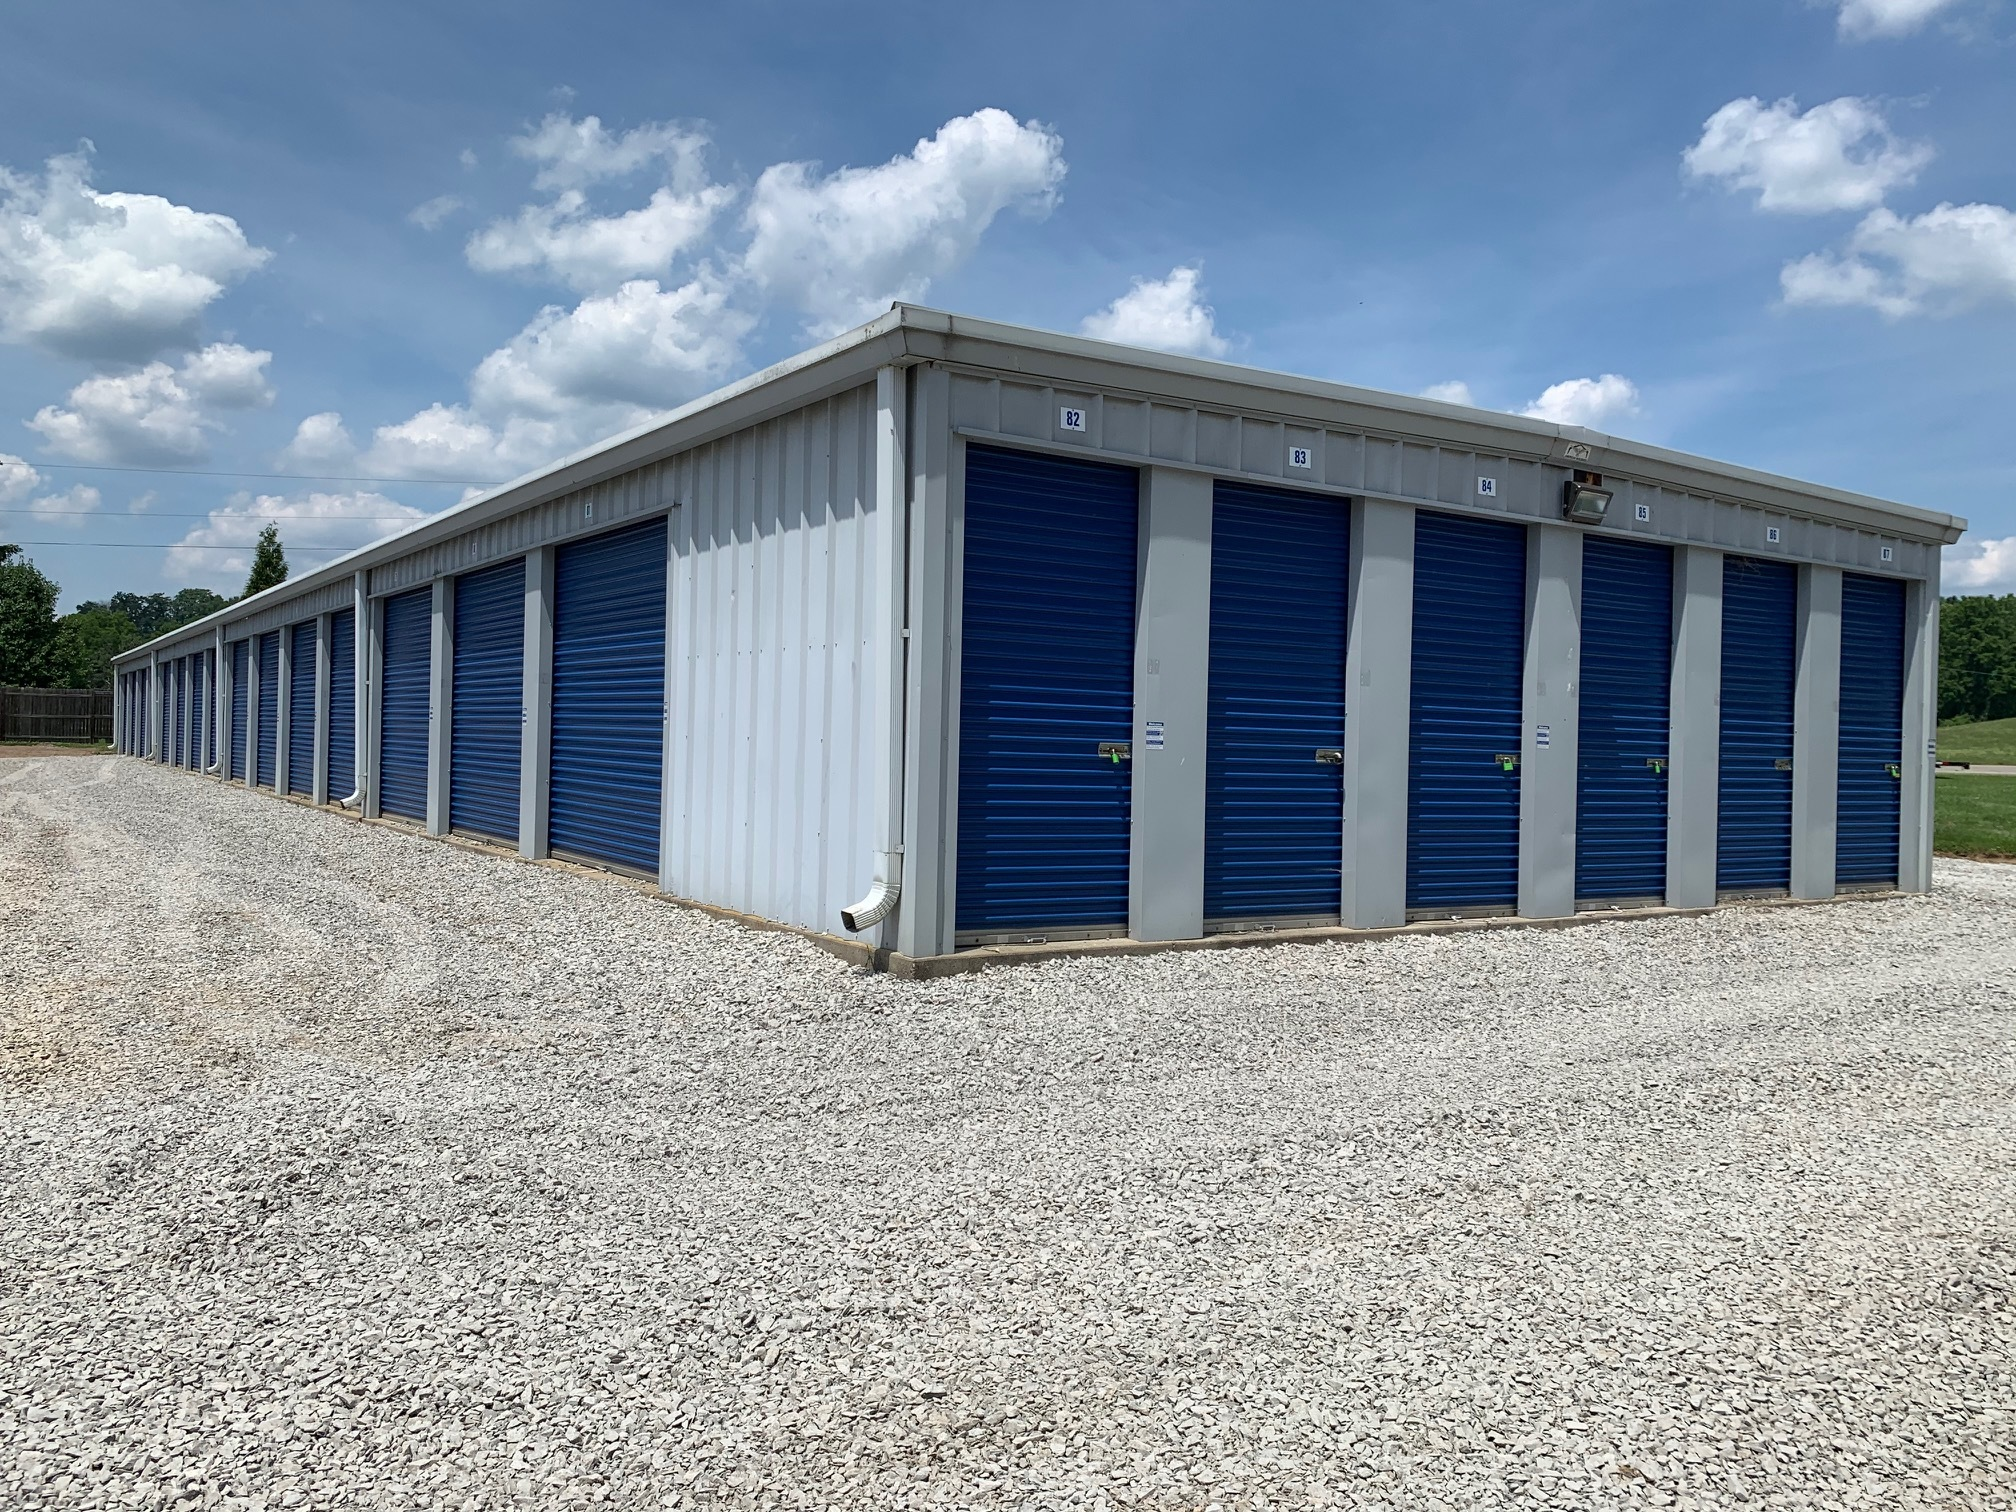 Premier Storage of Zanesville: Self Storage in Zanesville OH